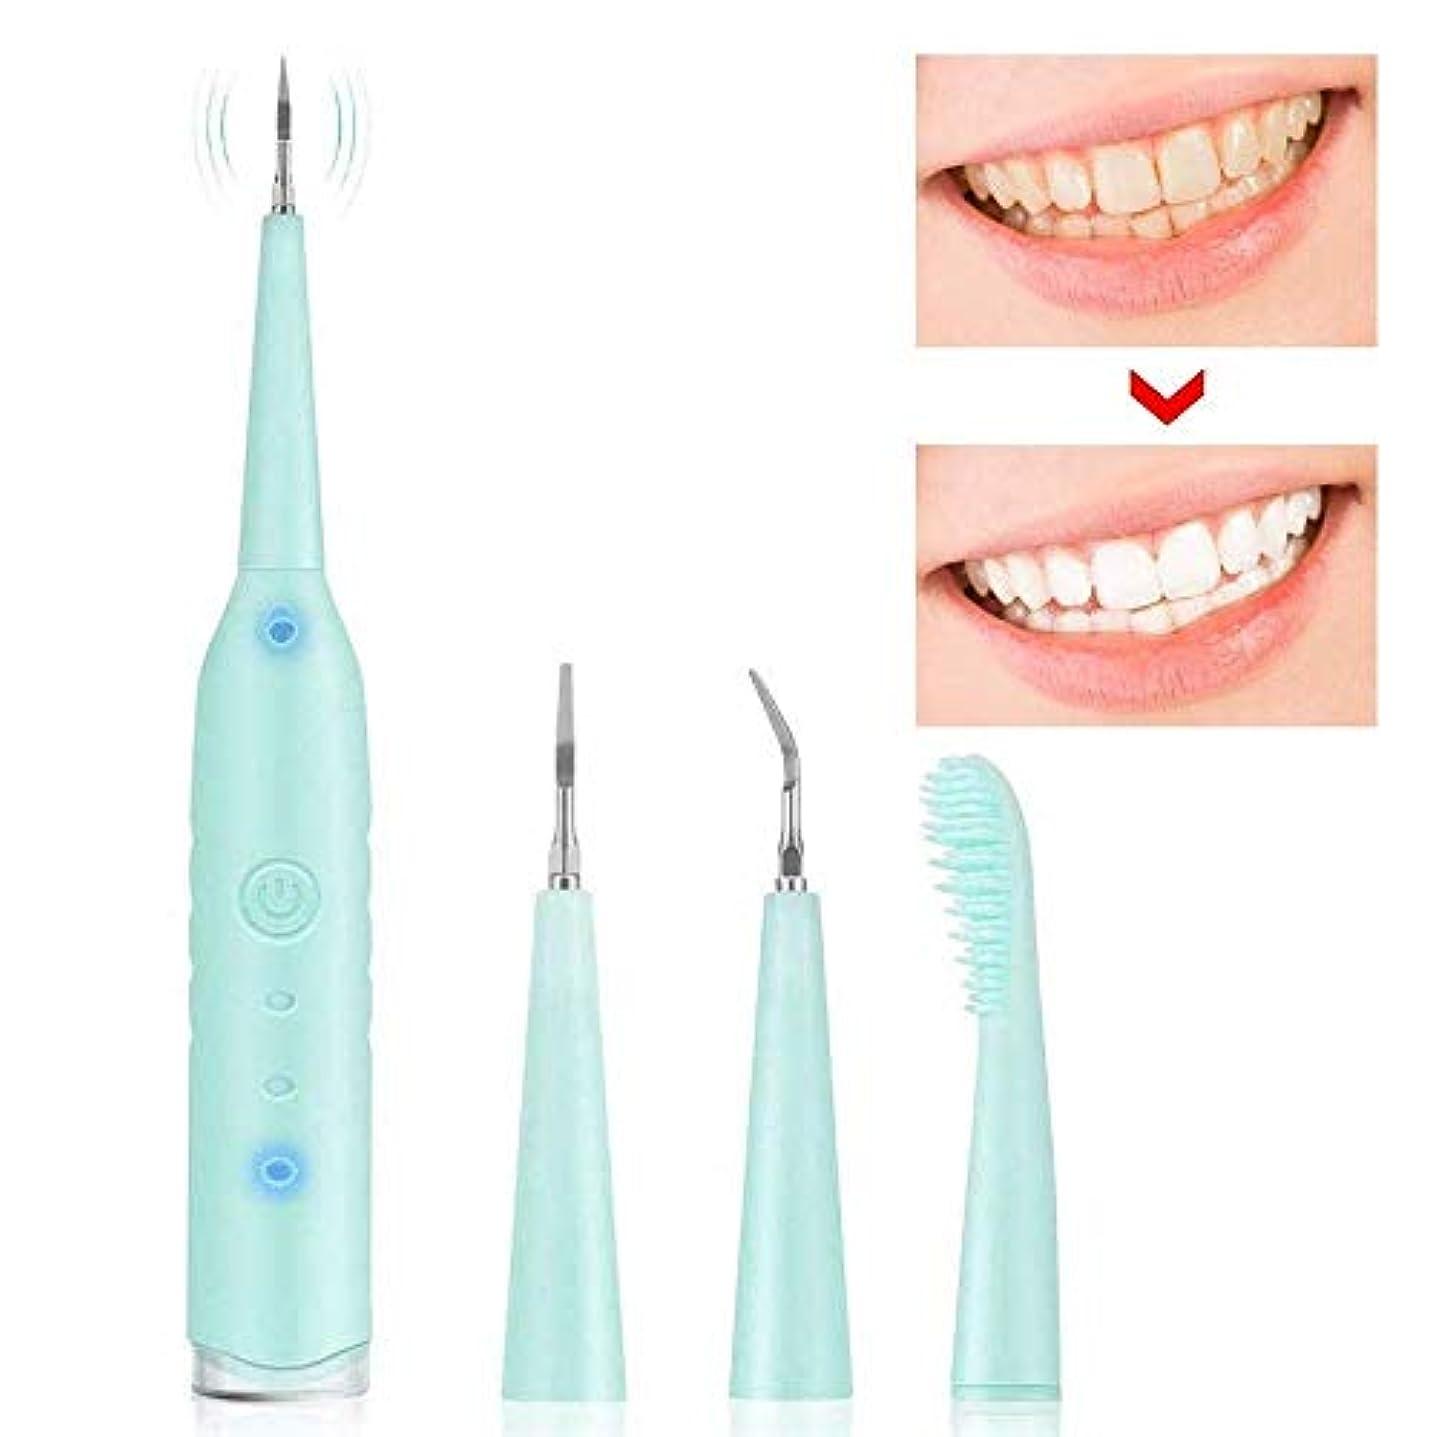 ポータブル電動スケーラー充電式歯磨き粉家庭用電気歯石除去剤歯石スクレーパー歯石除去剤歯研磨